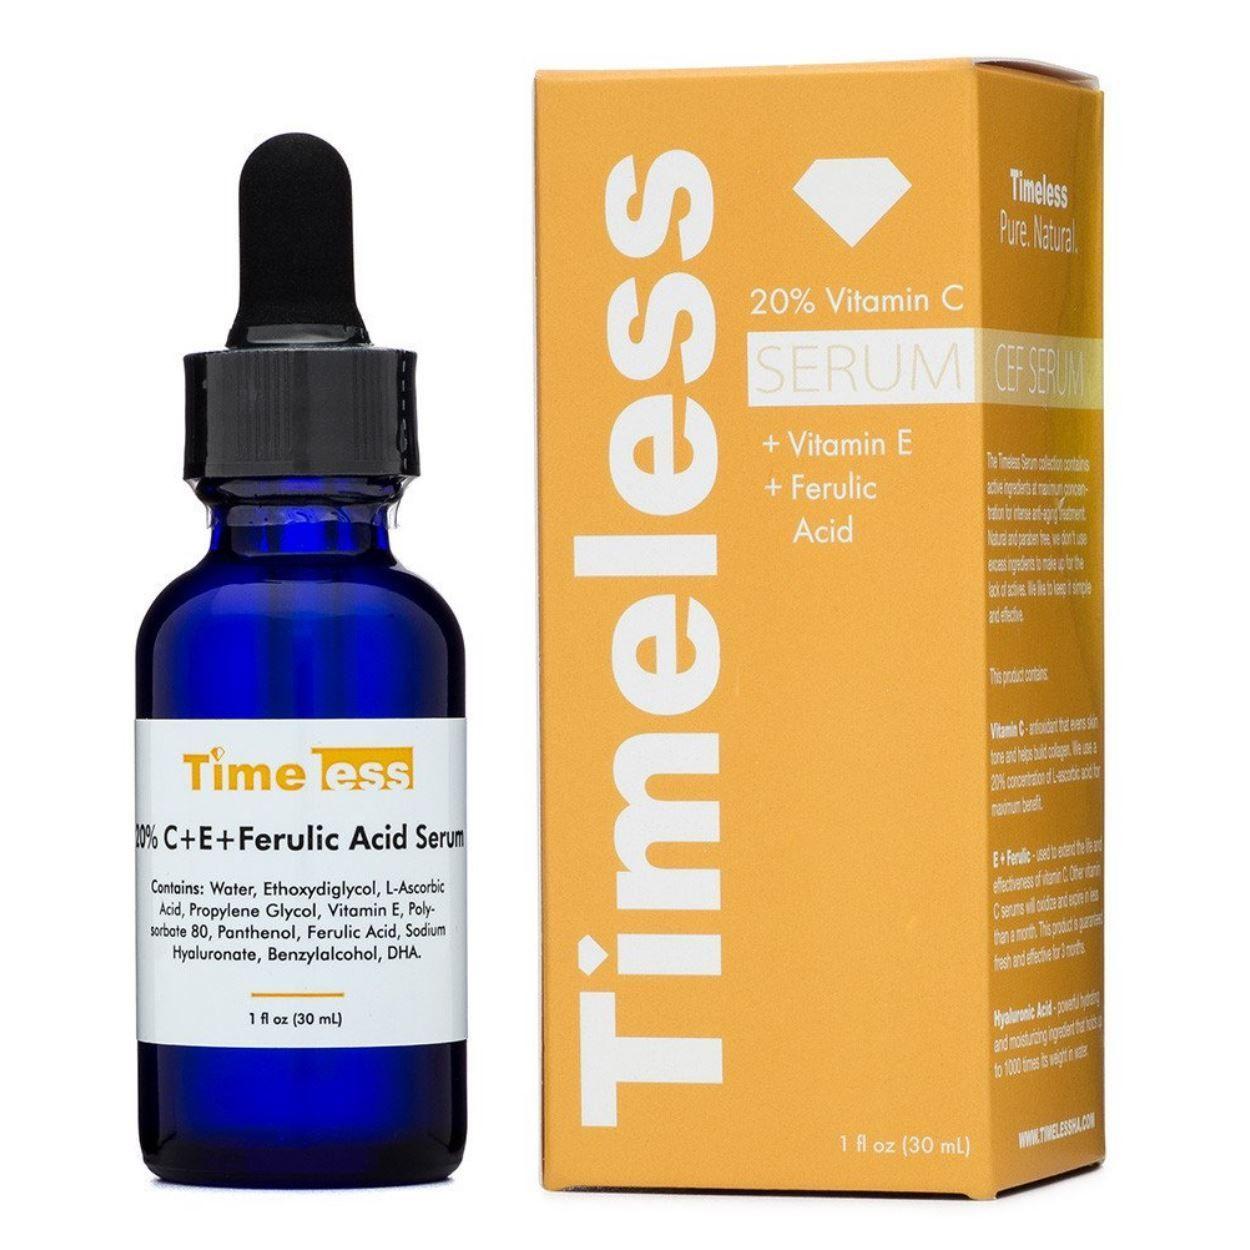 20% Vitamin C Serum + Vitamin E + Ferulic Acid